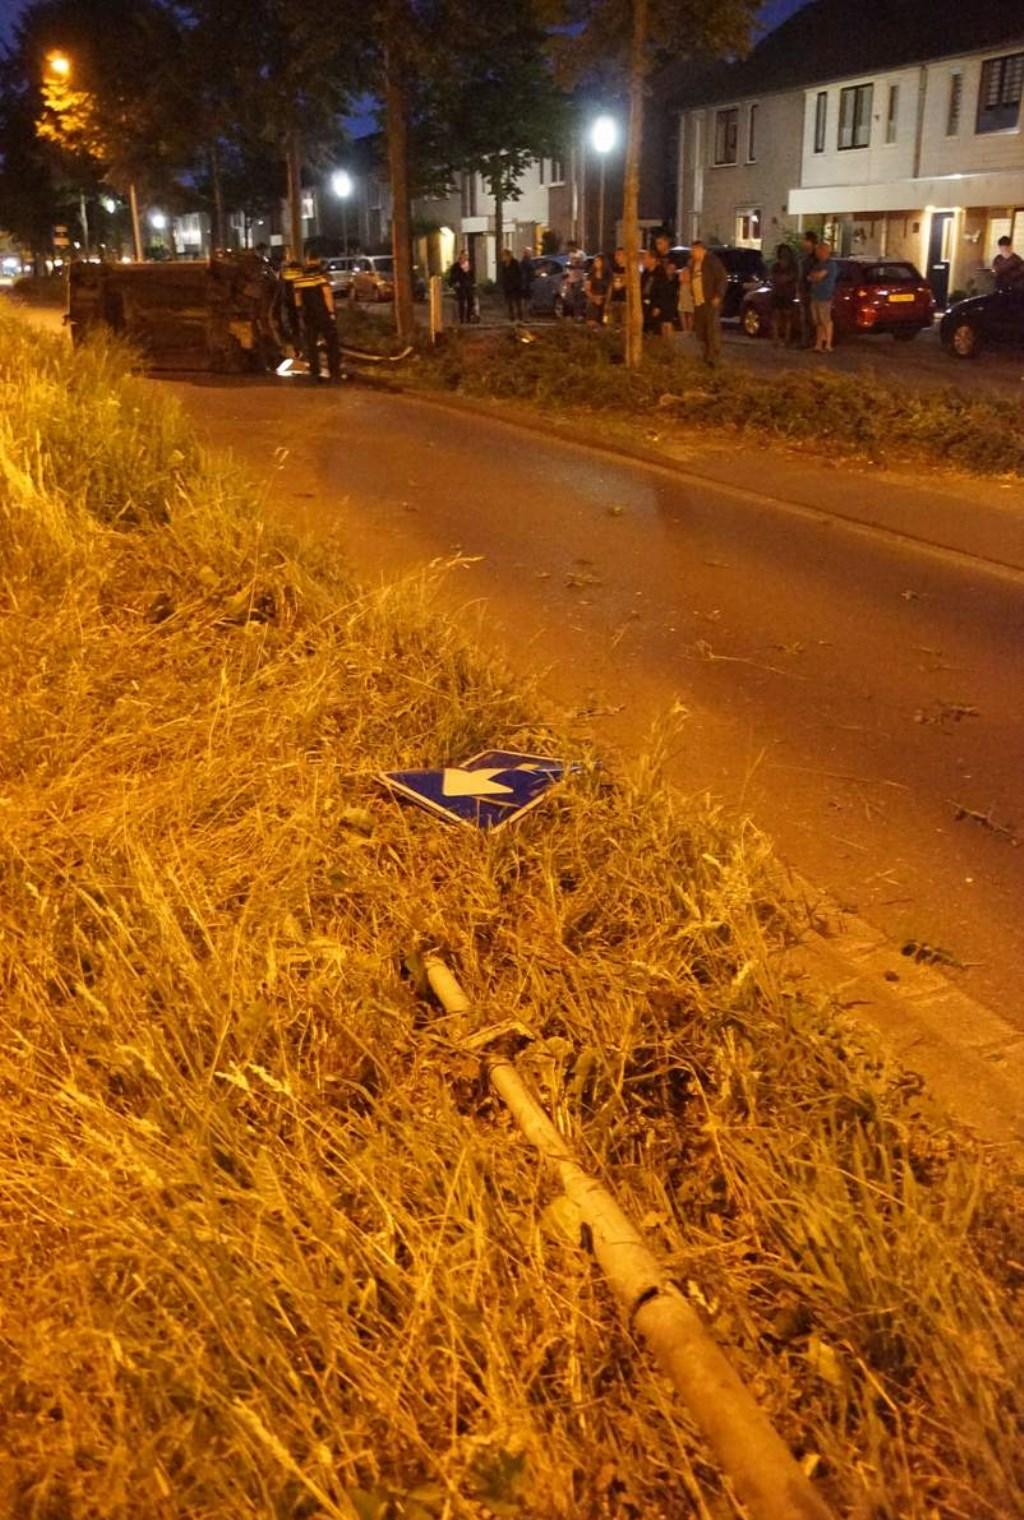 Een auto raakte zondagavond van de weg en belandde op zijn kant op de Emerparklaan in de Haagse Beemden. Foto: BredaVandaag © BredaVandaag